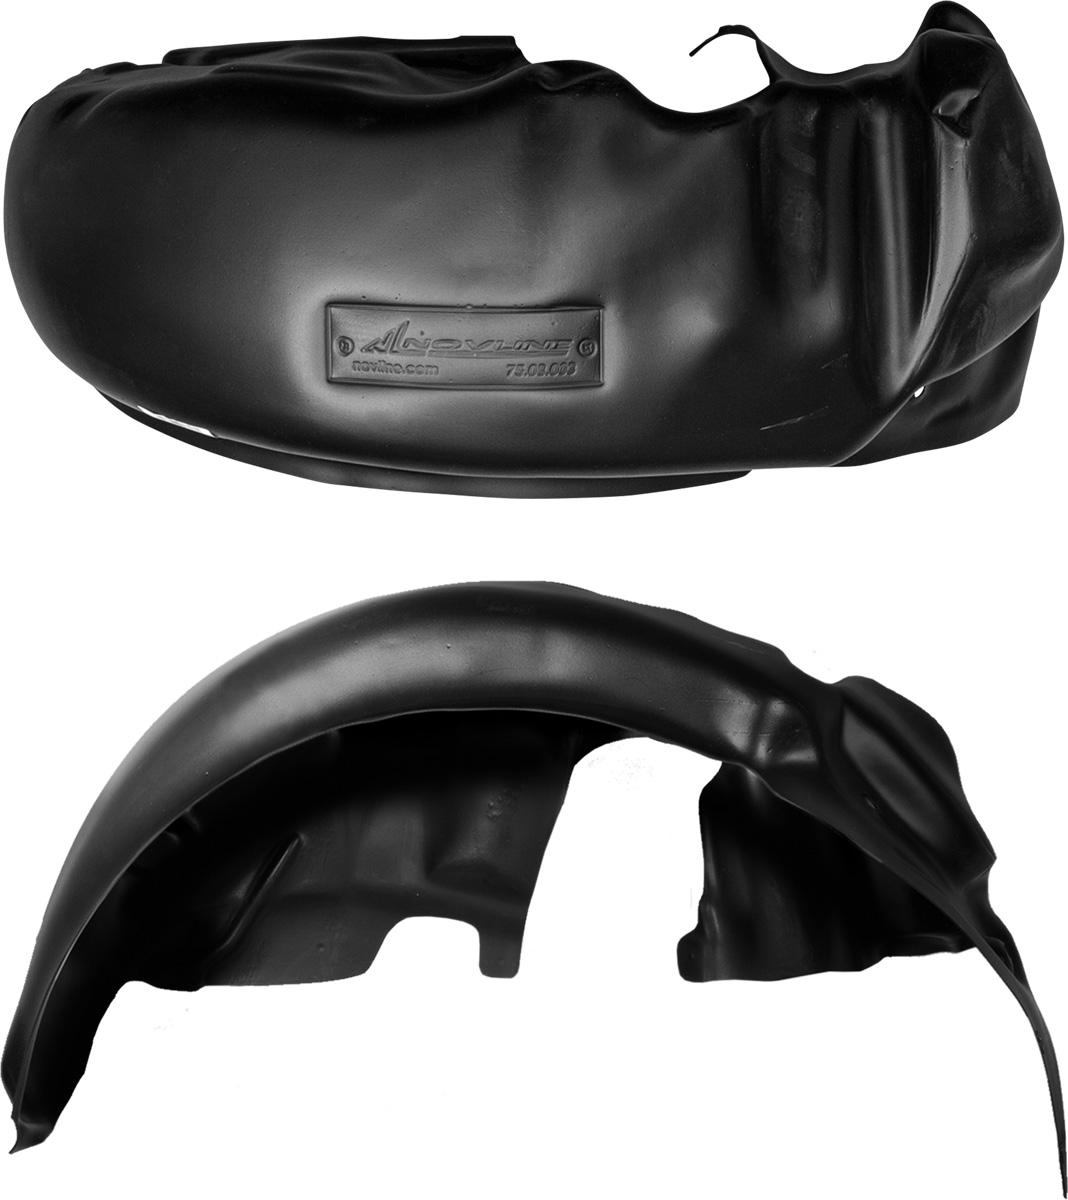 Подкрылок LADA Largus, 2012 ->, задний левыйNLL.52.26.003Колесные ниши – одни из самых уязвимых зон днища вашего автомобиля. Они постоянно подвергаются воздействию со стороны дороги. Лучшая, почти абсолютная защита для них - специально отформованные пластиковые кожухи, которые называются подкрылками, или локерами. Производятся они как для отечественных моделей автомобилей, так и для иномарок. Подкрылки выполнены из высококачественного, экологически чистого пластика. Обеспечивают надежную защиту кузова автомобиля от пескоструйного эффекта и негативного влияния, агрессивных антигололедных реагентов. Пластик обладает более низкой теплопроводностью, чем металл, поэтому в зимний период эксплуатации использование пластиковых подкрылков позволяет лучше защитить колесные ниши от налипания снега и образования наледи. Оригинальность конструкции подчеркивает элегантность автомобиля, бережно защищает нанесенное на днище кузова антикоррозийное покрытие и позволяет осуществить крепление подкрылков внутри колесной арки практически без дополнительного...